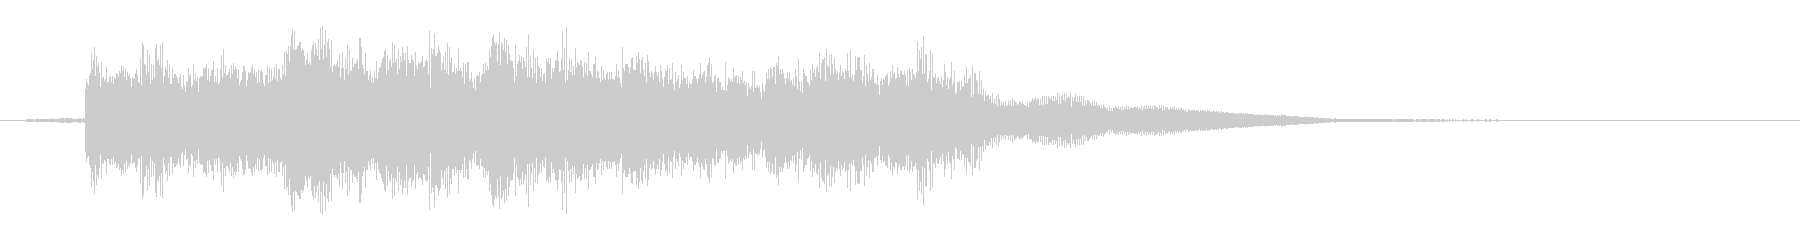 サウンドロゴ、ジングル#8の未再生の波形